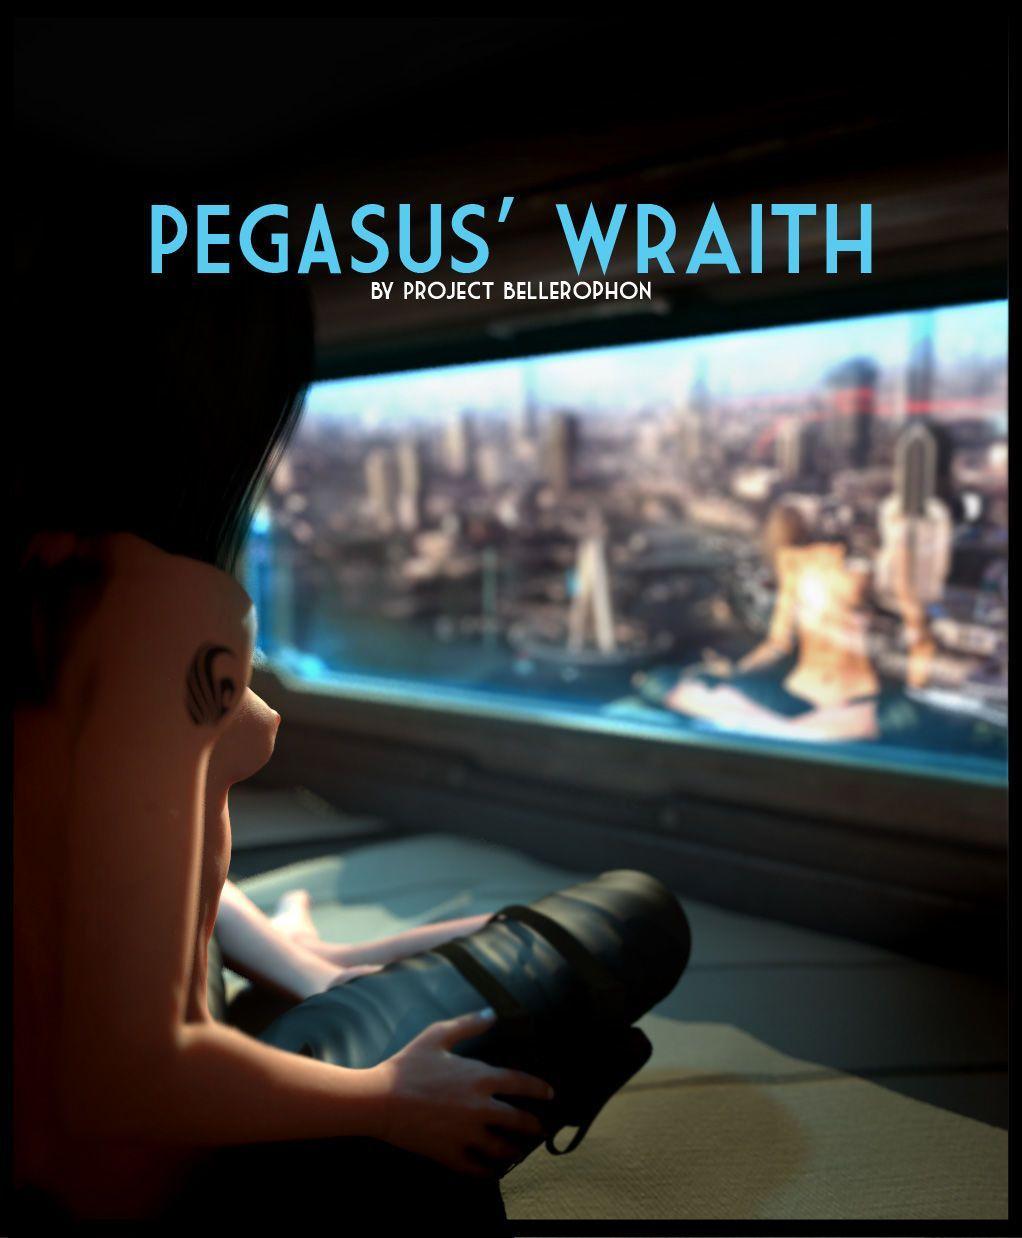 [project bellerophon] 13 - Pegasus\' Wraith